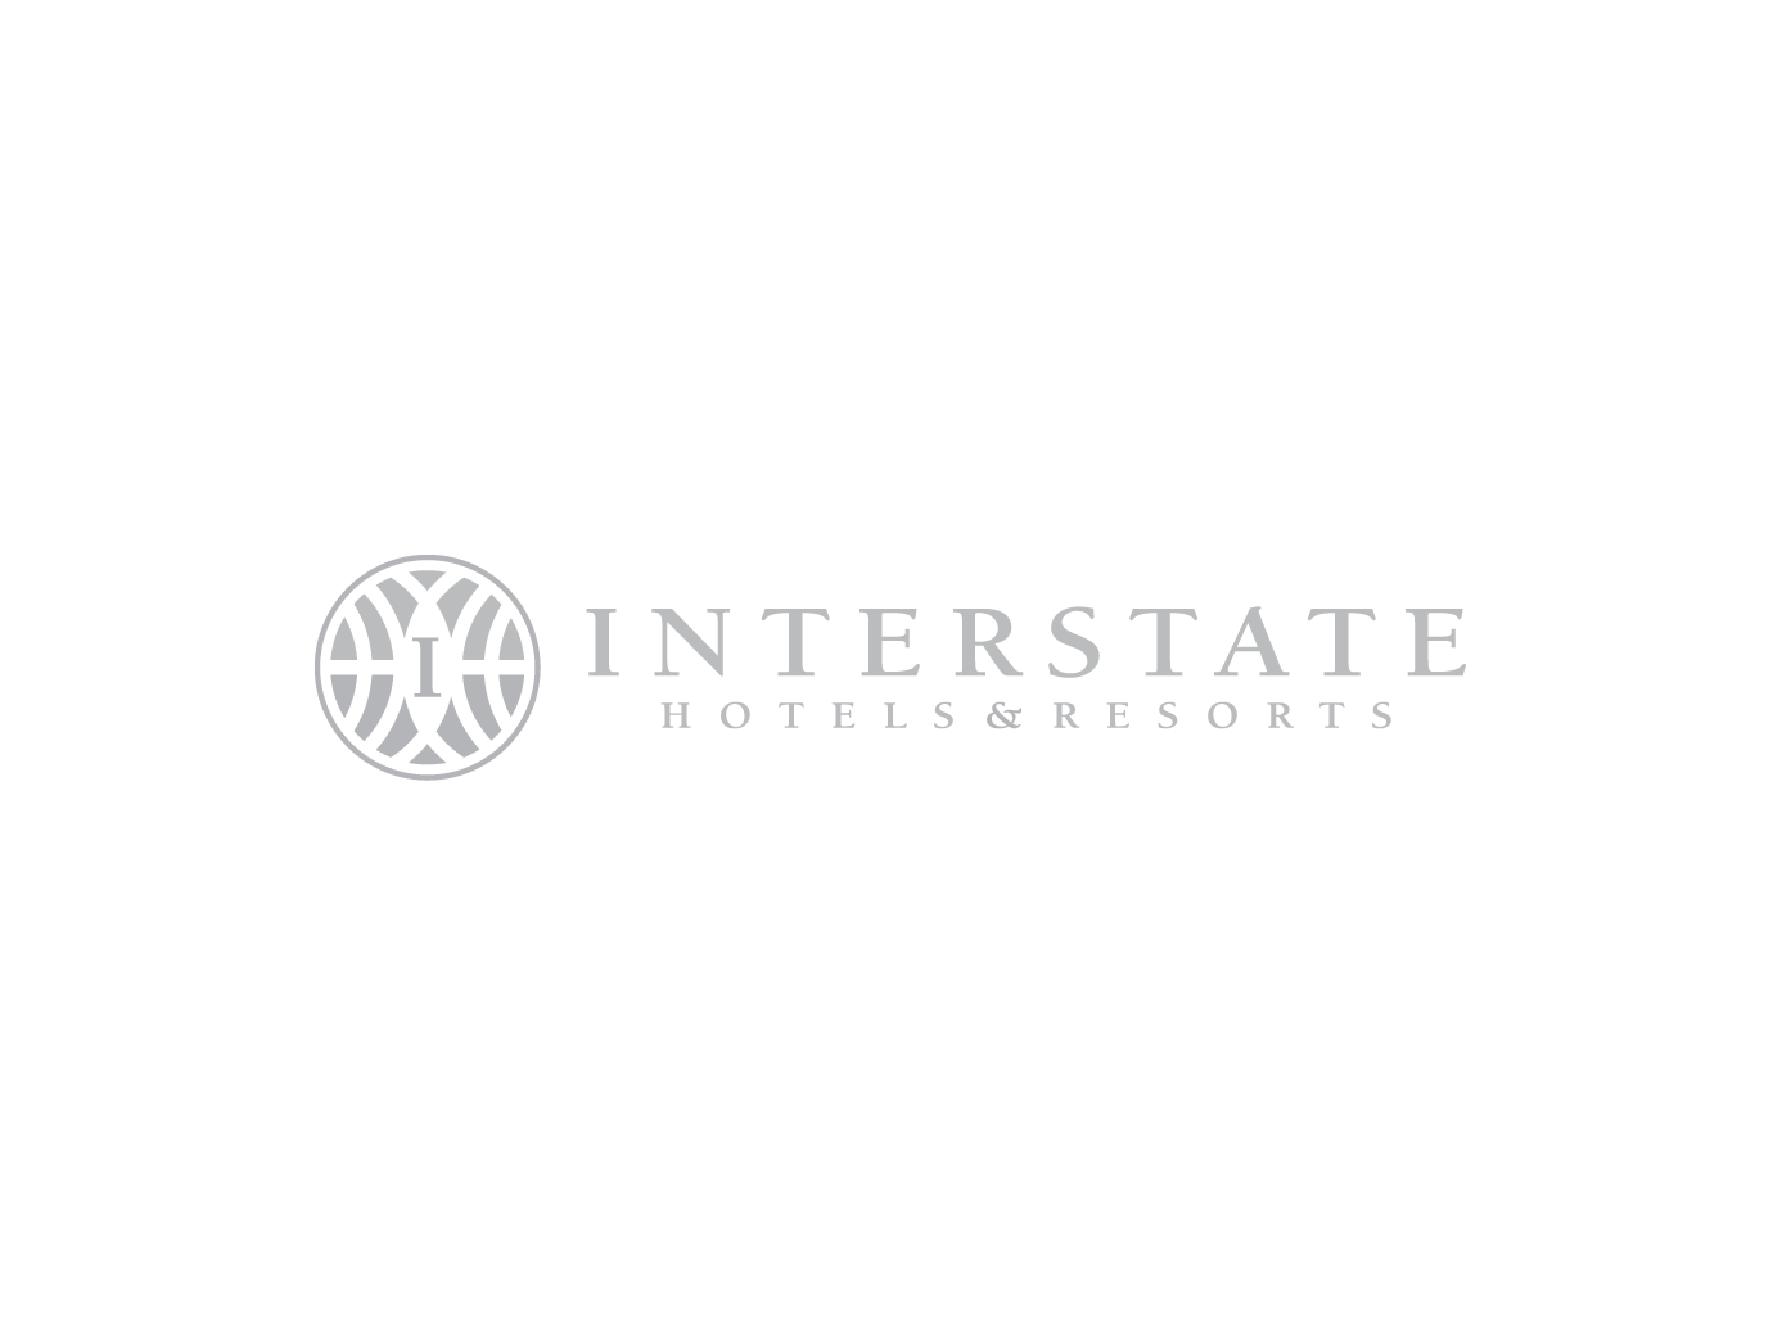 ROCK-0019 RTRX Website Sponsor Page Logos_Interstate_v1a.png